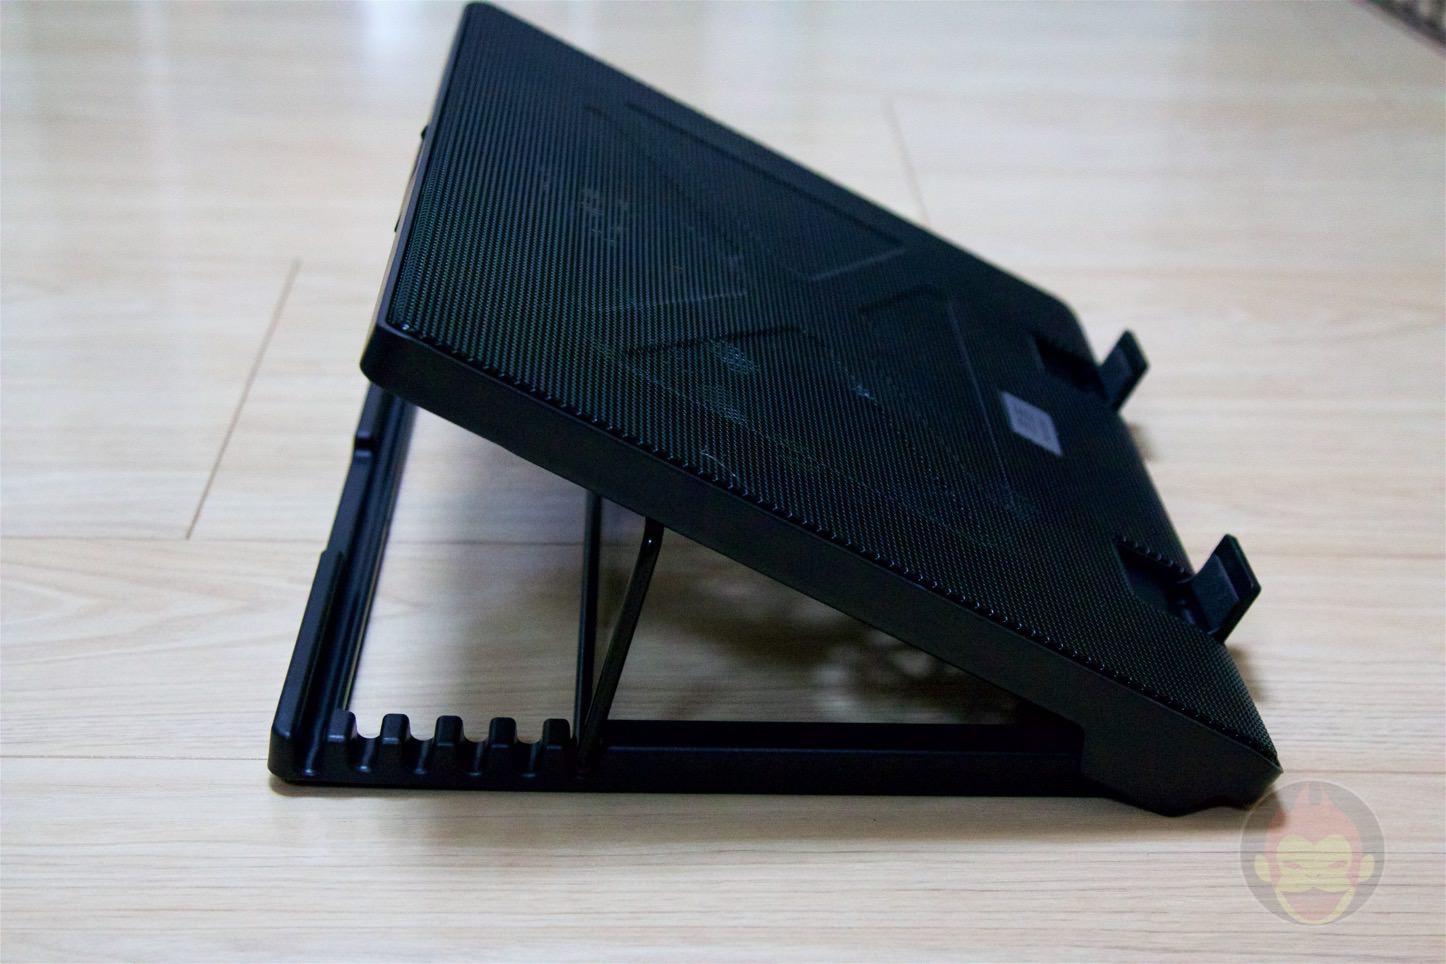 FONESO-fan-Stand-for-Mac-PC-07.jpg